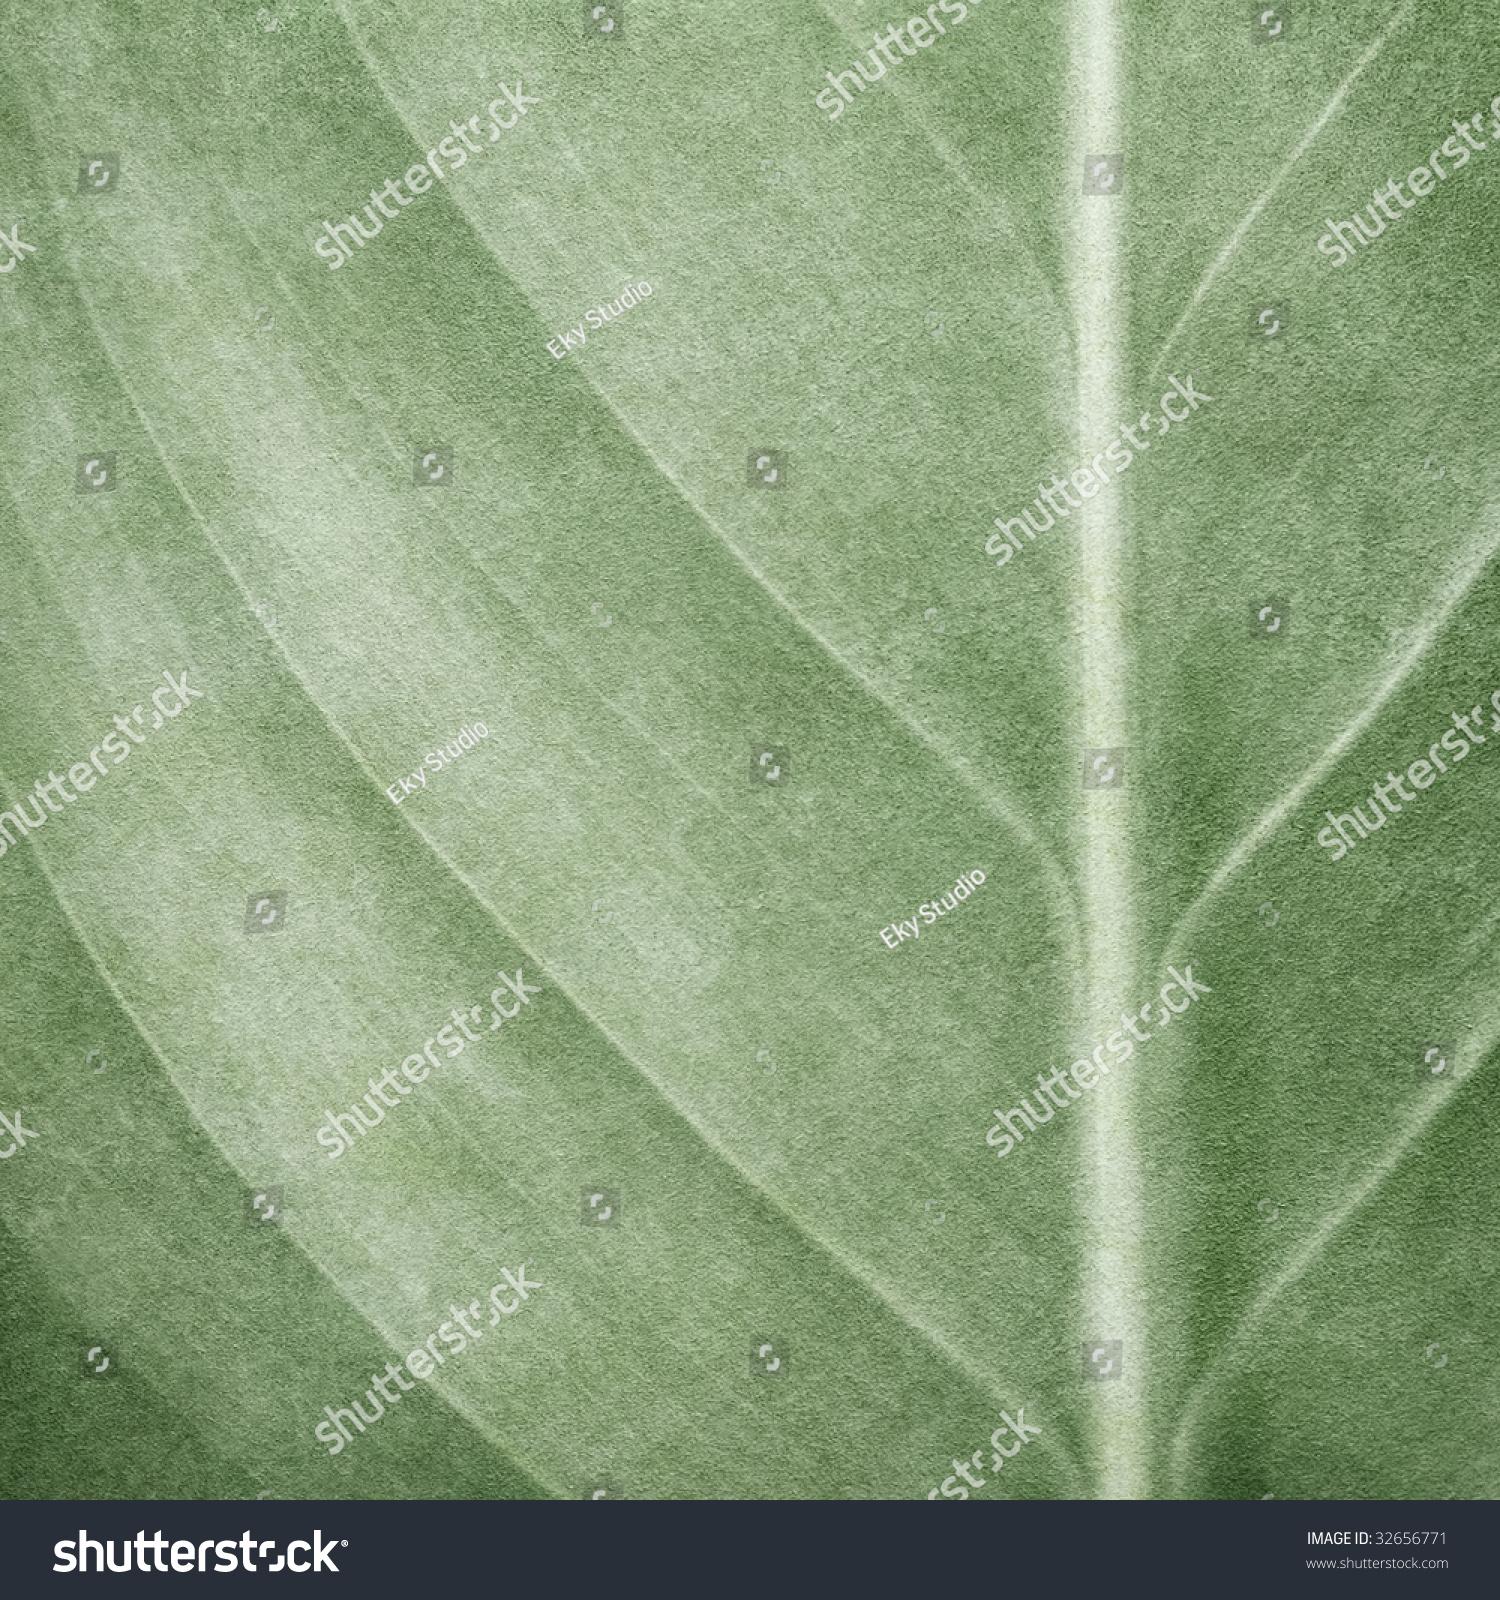 树叶的图案画背景